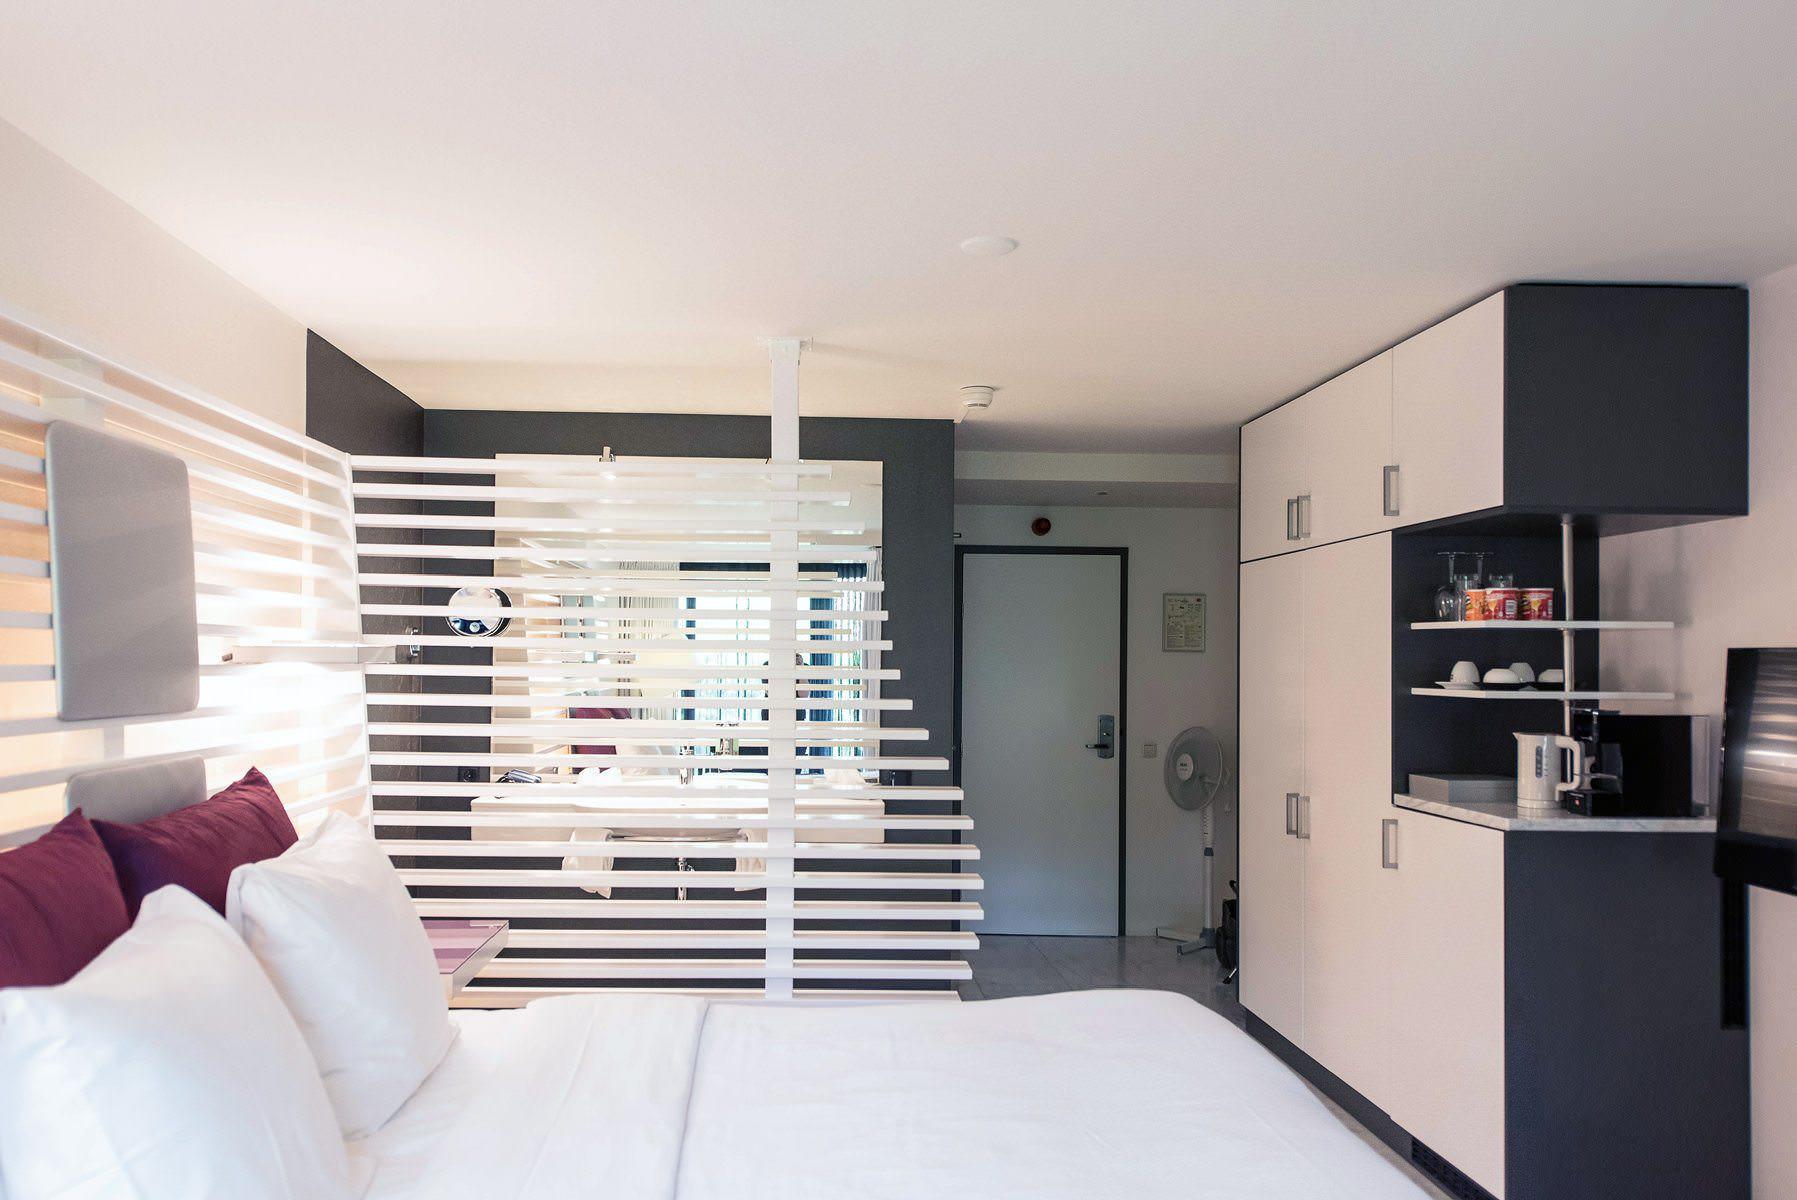 Amelandfoto-hotel2017-30